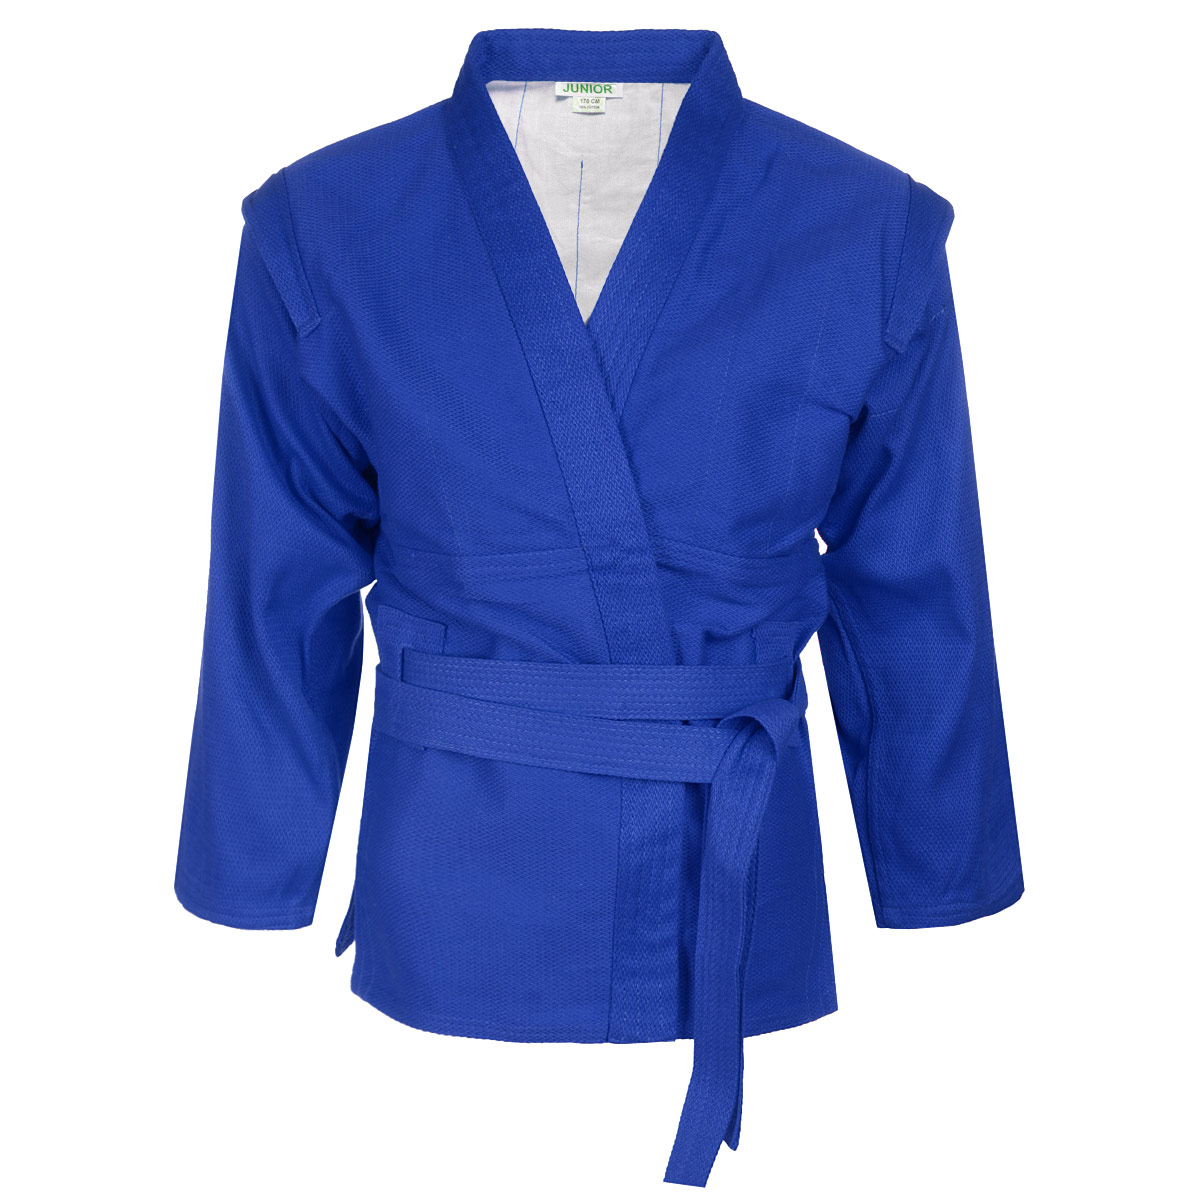 Куртка для самбо детская Green Hill Junior, цвет: синий. SСJ-2201. Размер 00/120 green hill кимоно дзю до junior green hill